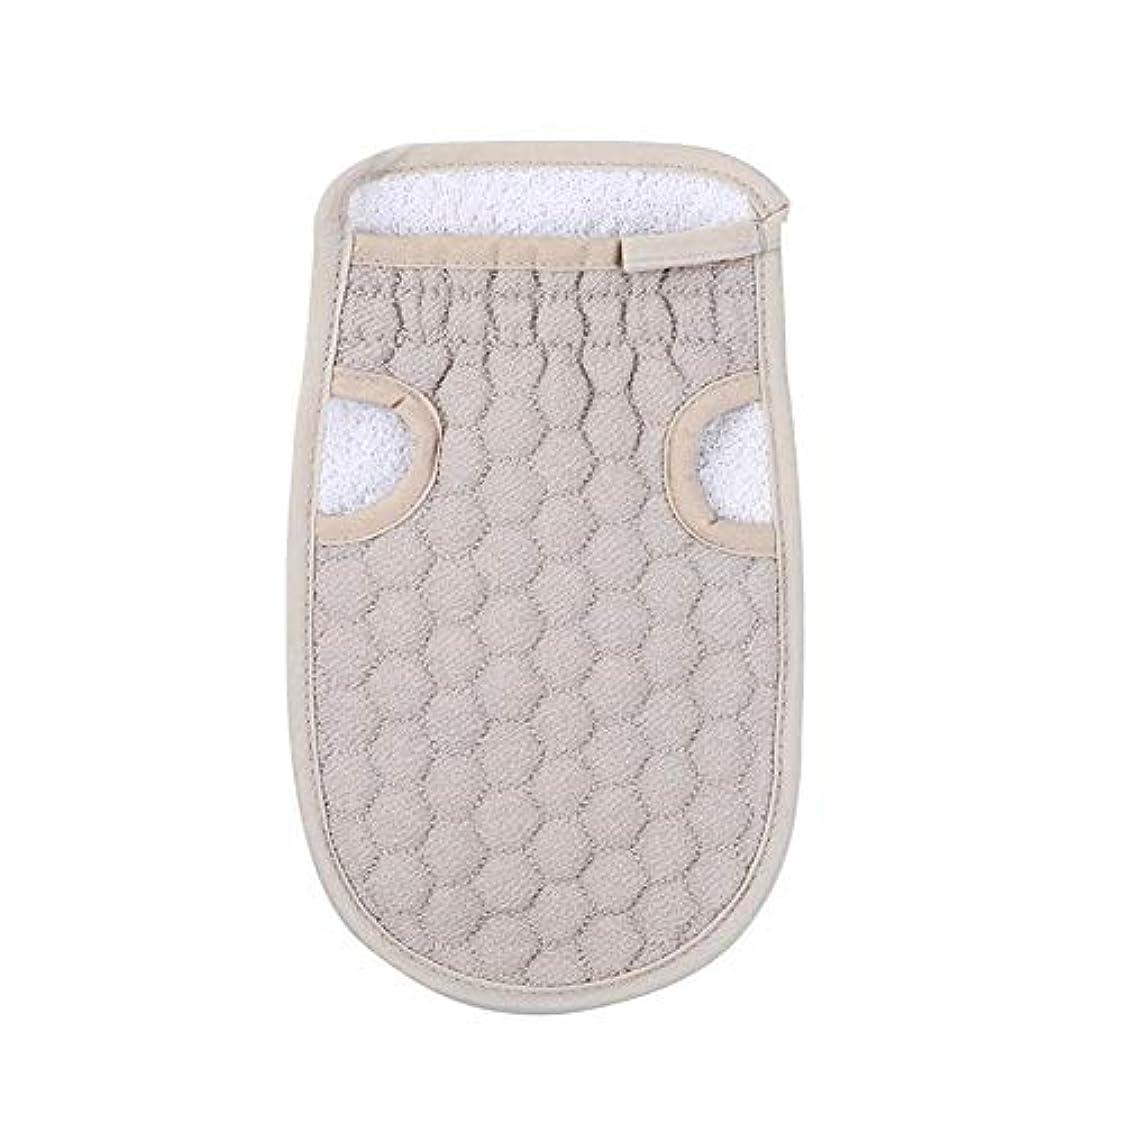 肺ご飯浴用手袋 入浴用手袋 お風呂用手袋 角質除去 マッサージ ボディーグローブ 両面 繰り返し使用 バスタオル